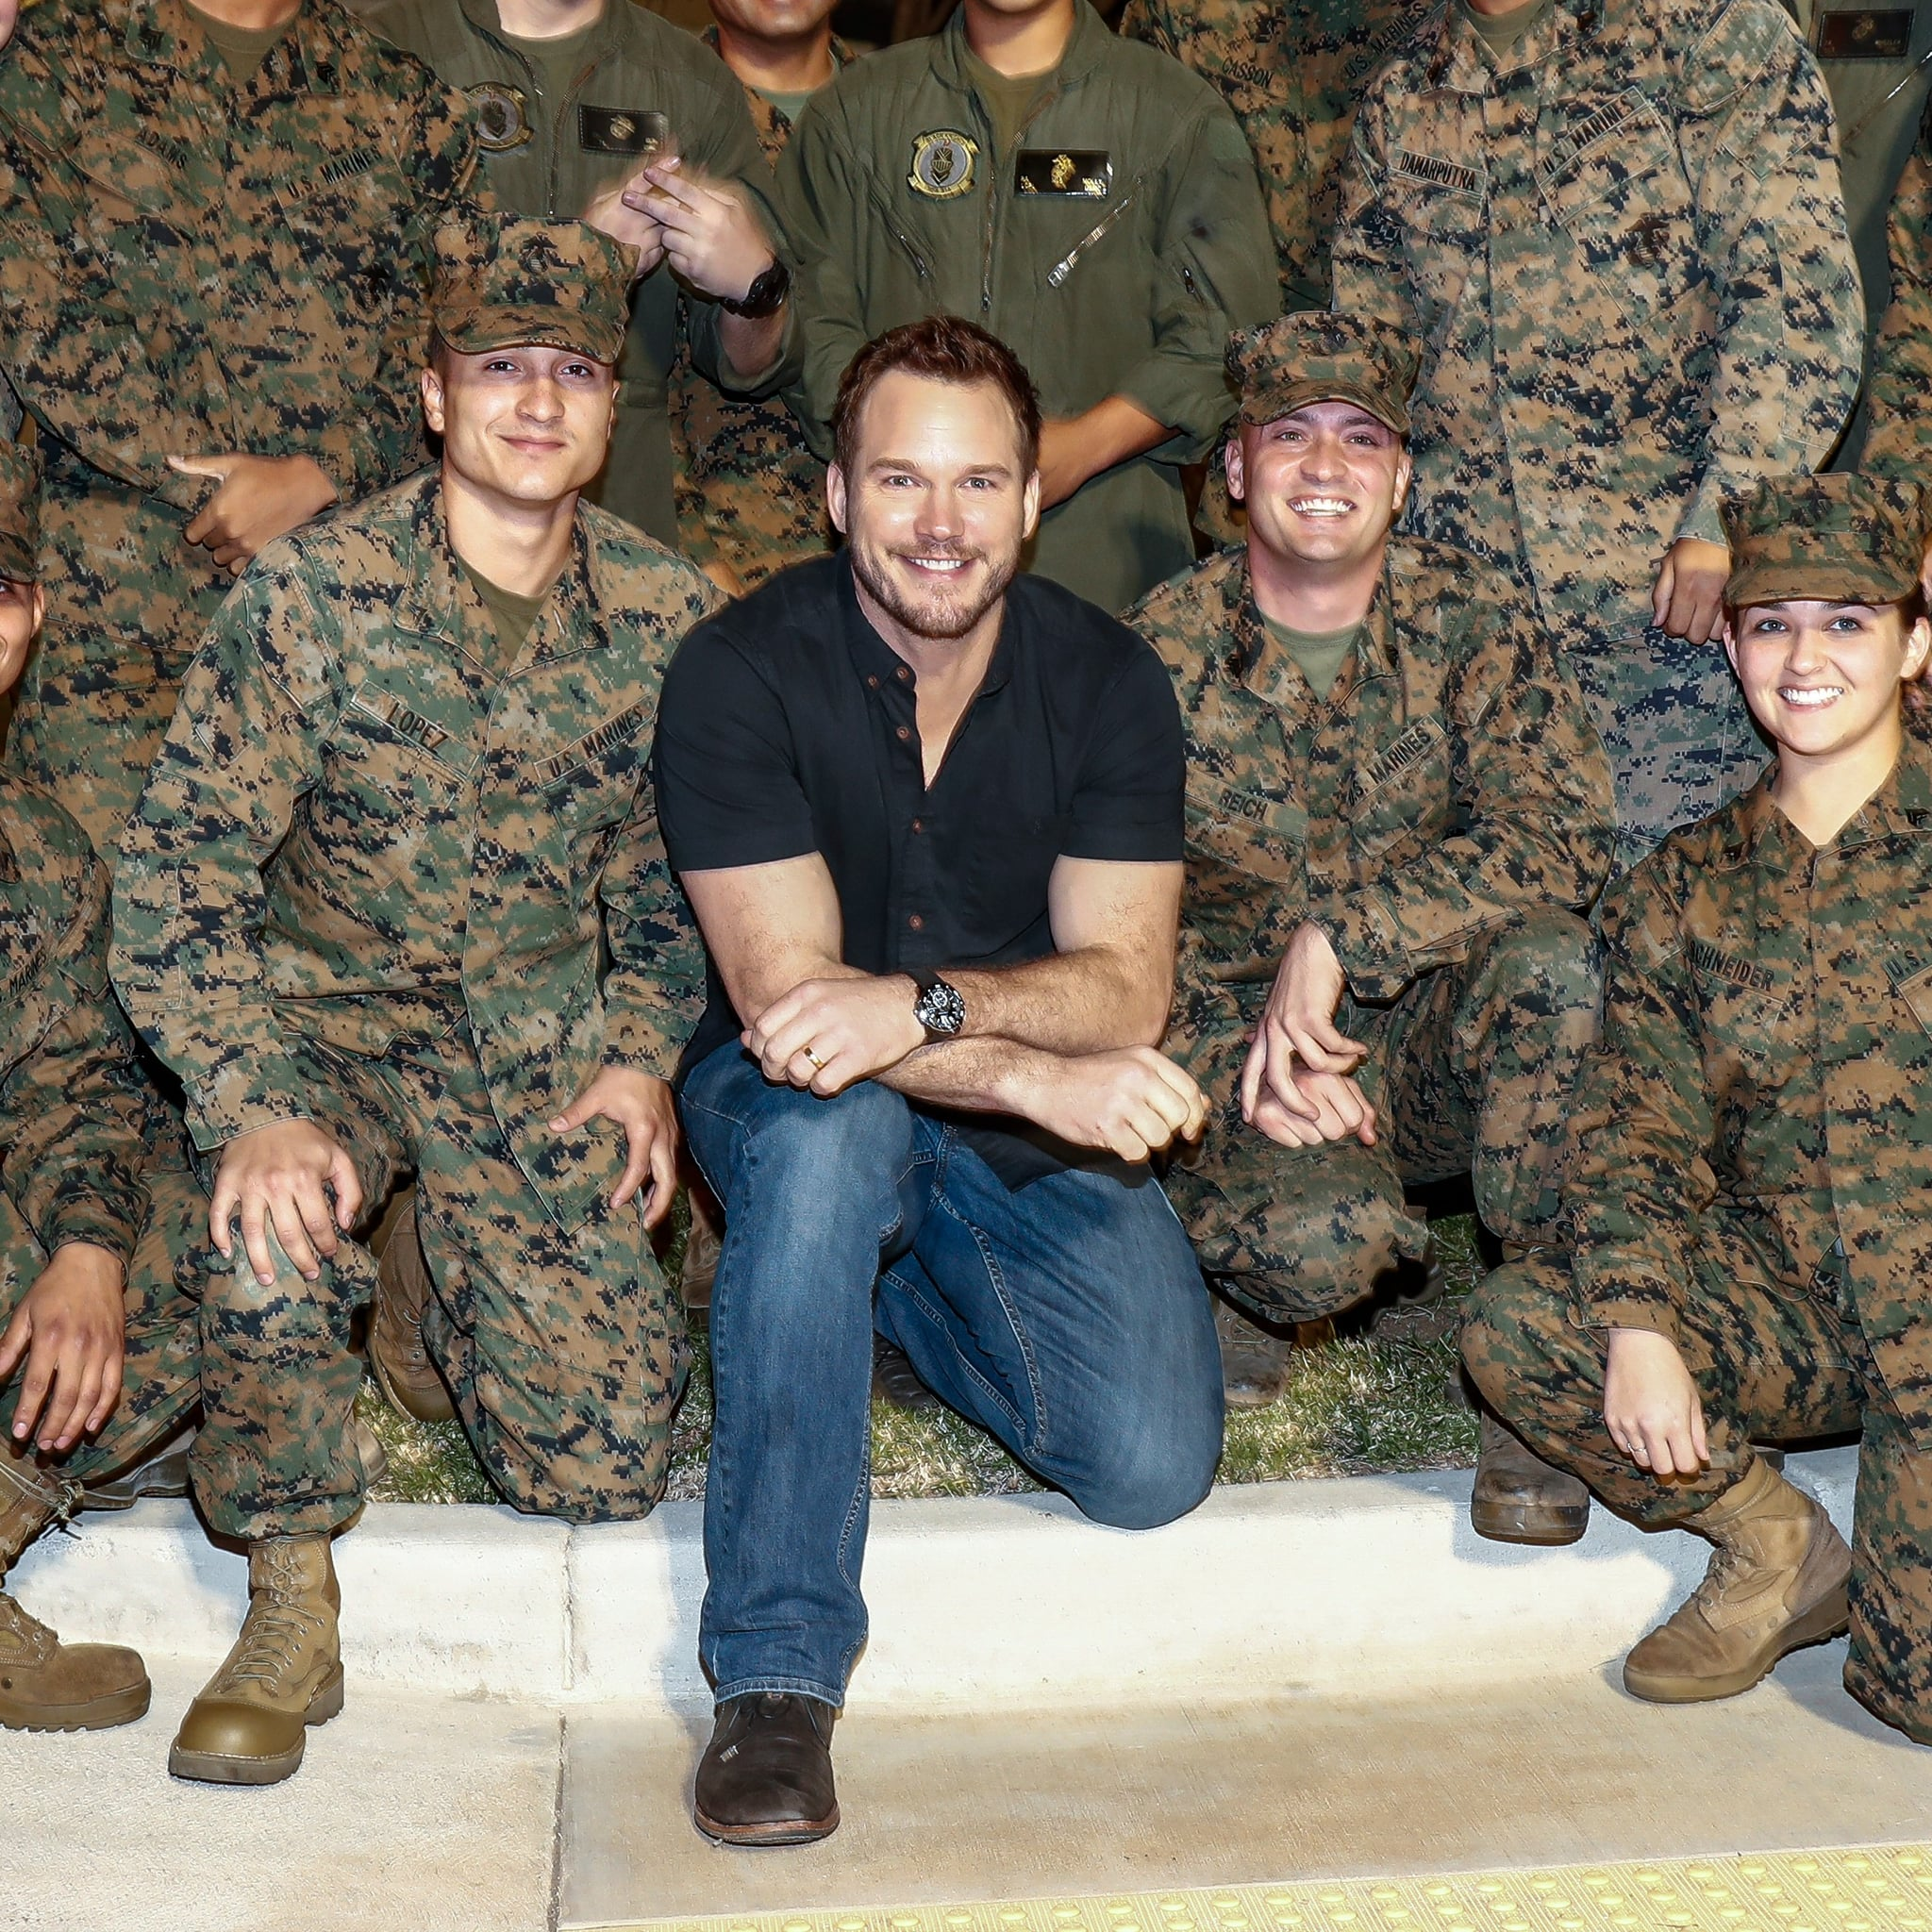 Marine Corps Wedding Bands 90 New Chris Pratt at Marine